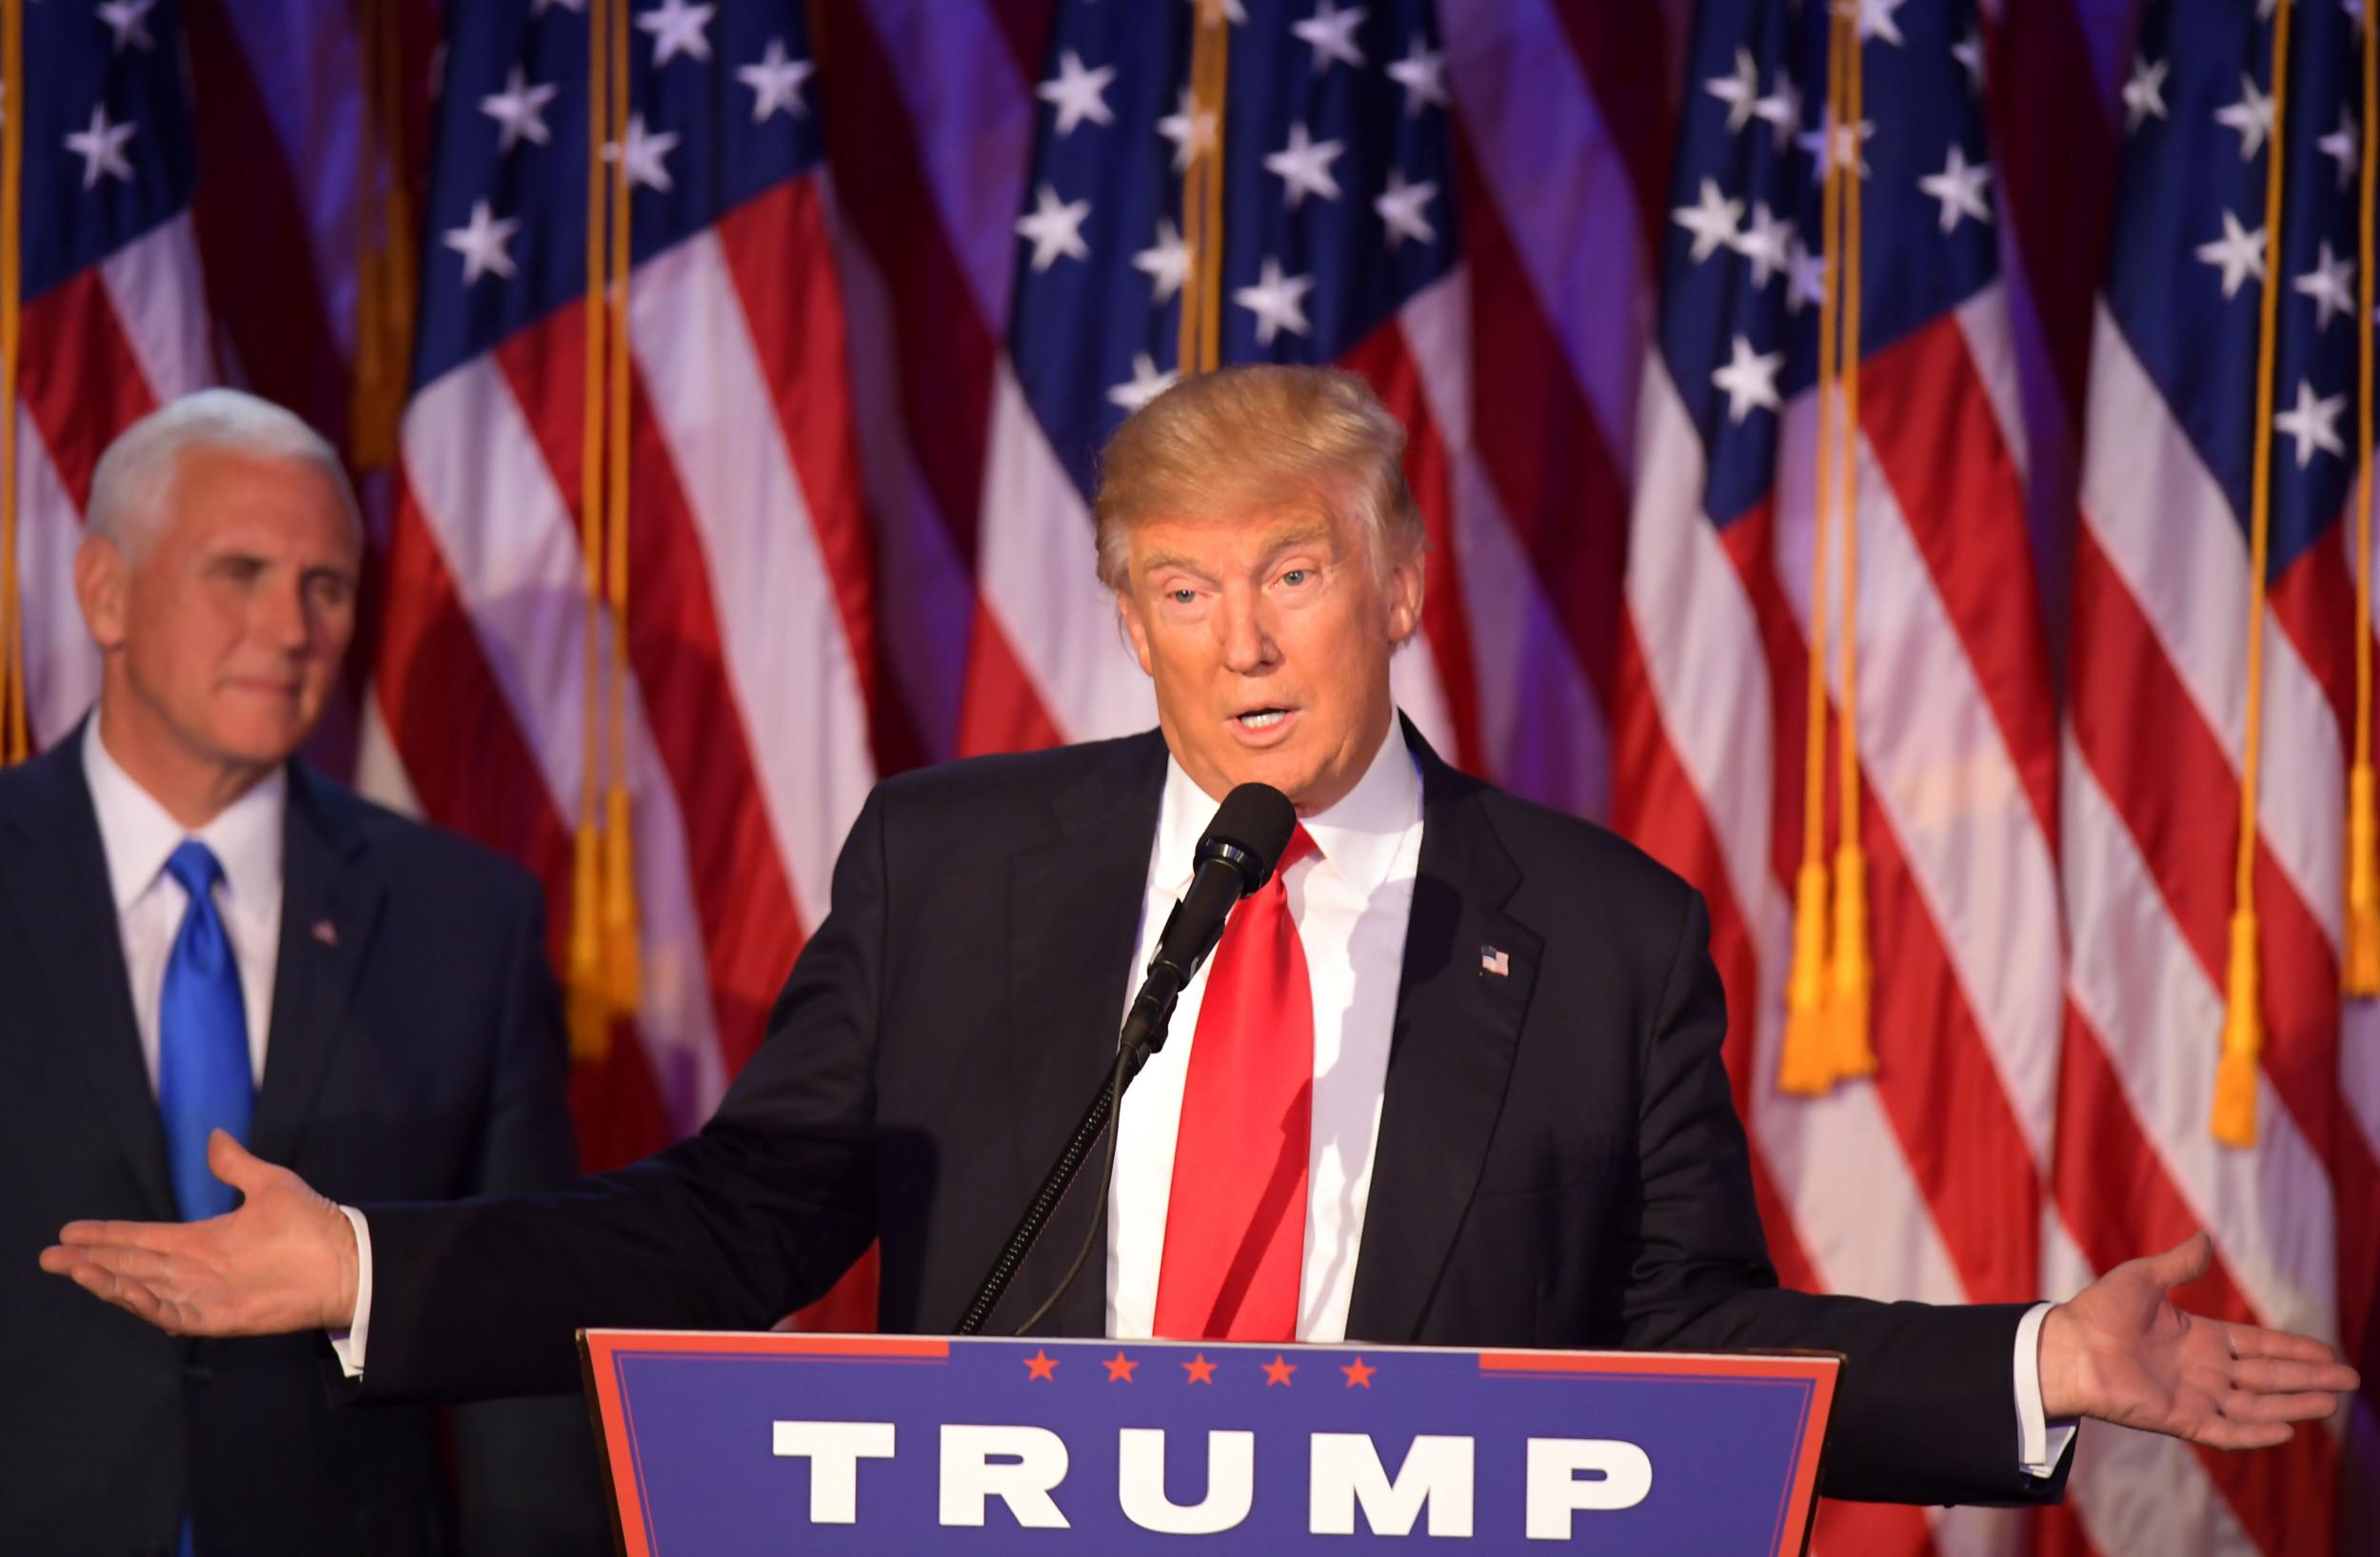 Trump may win Electoral College, lose popular vote again, 2016 poll comparison shows